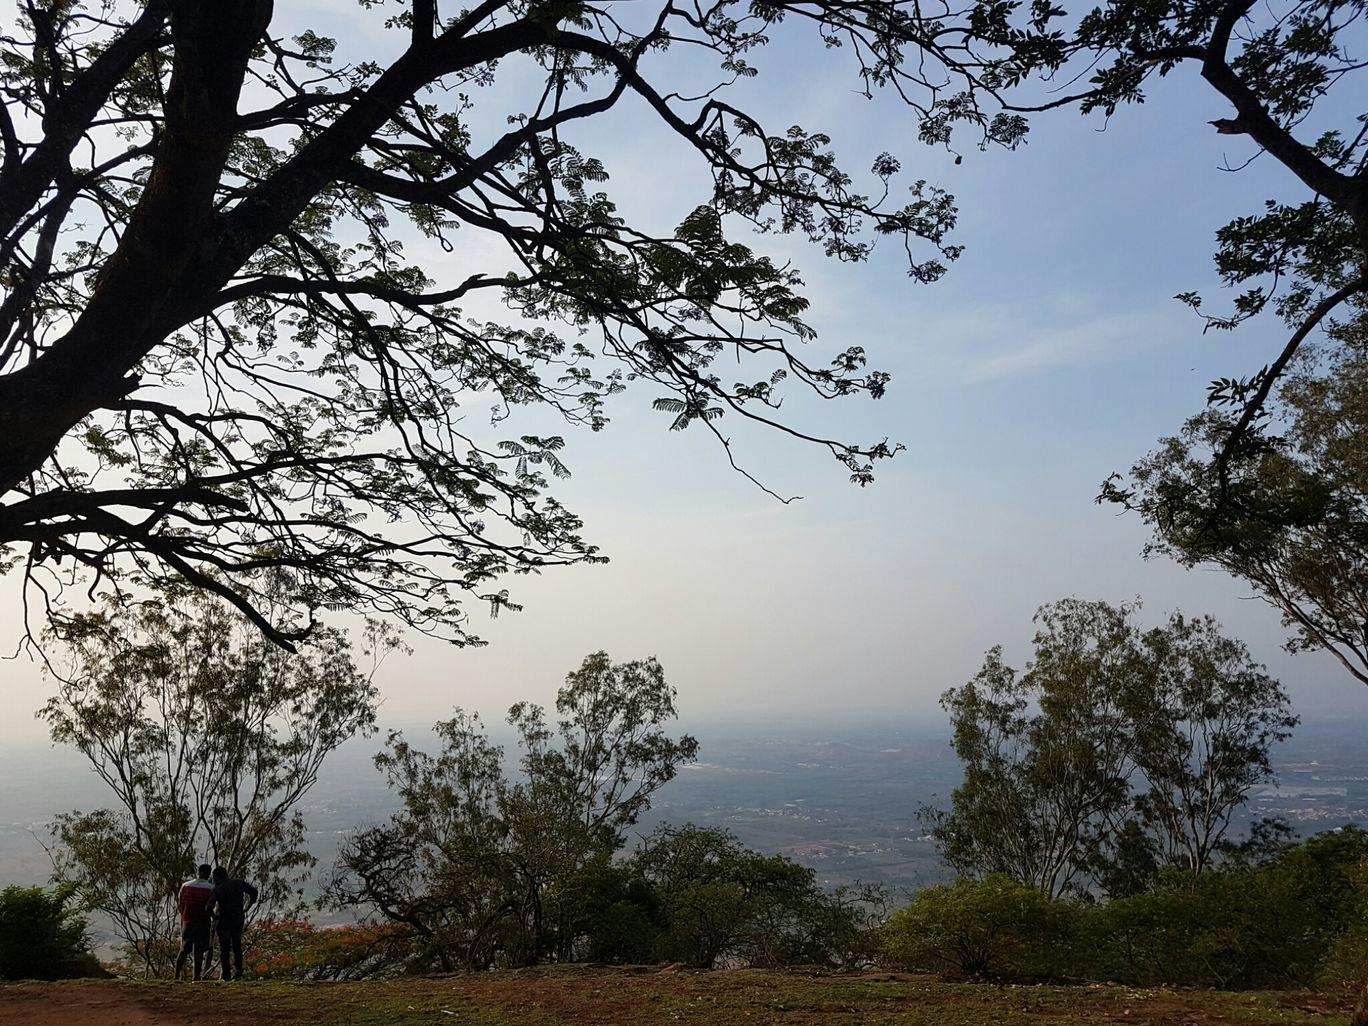 Photo of Nandi Hills By Aswanth Kumar